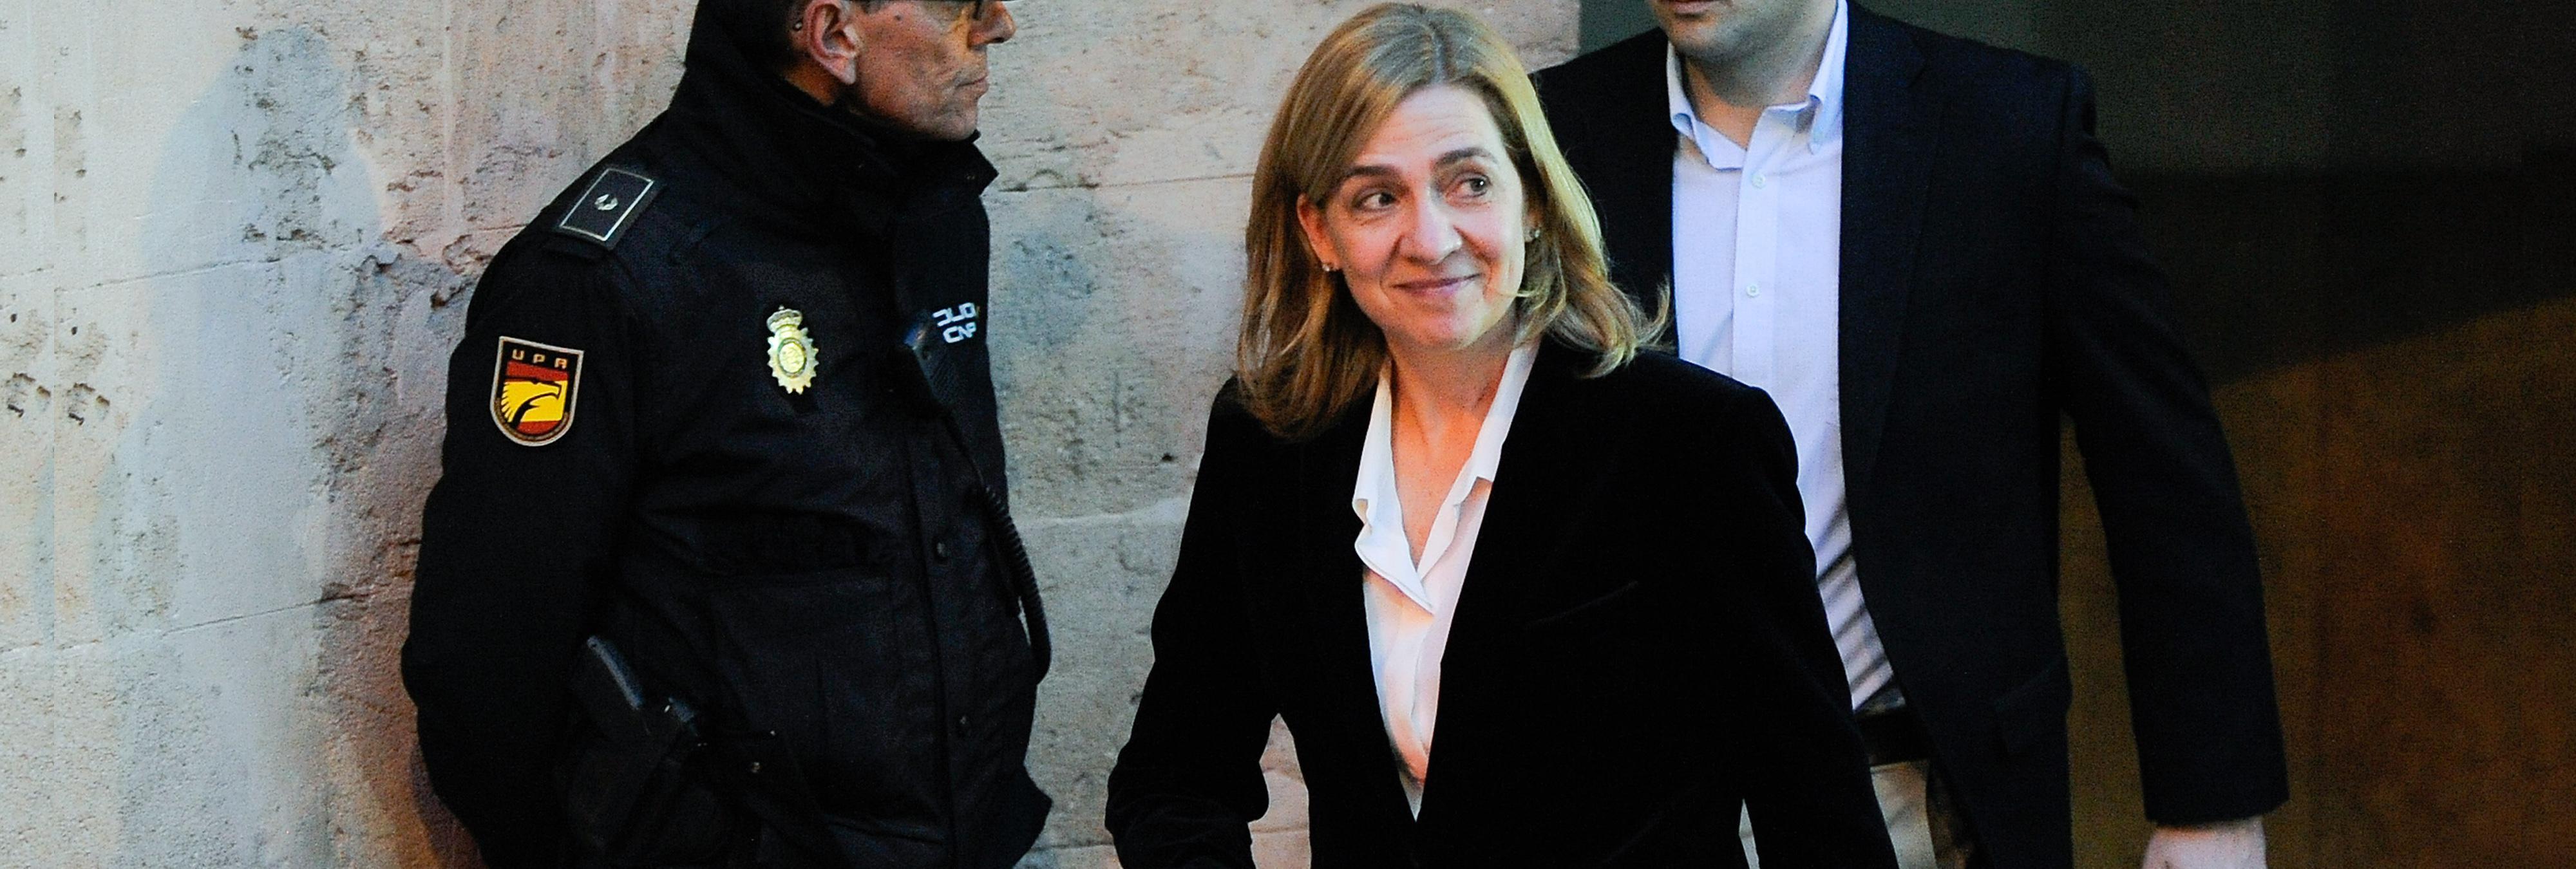 La Infanta Cristina quiere impedir la emisión de sus declaraciones ante el juez